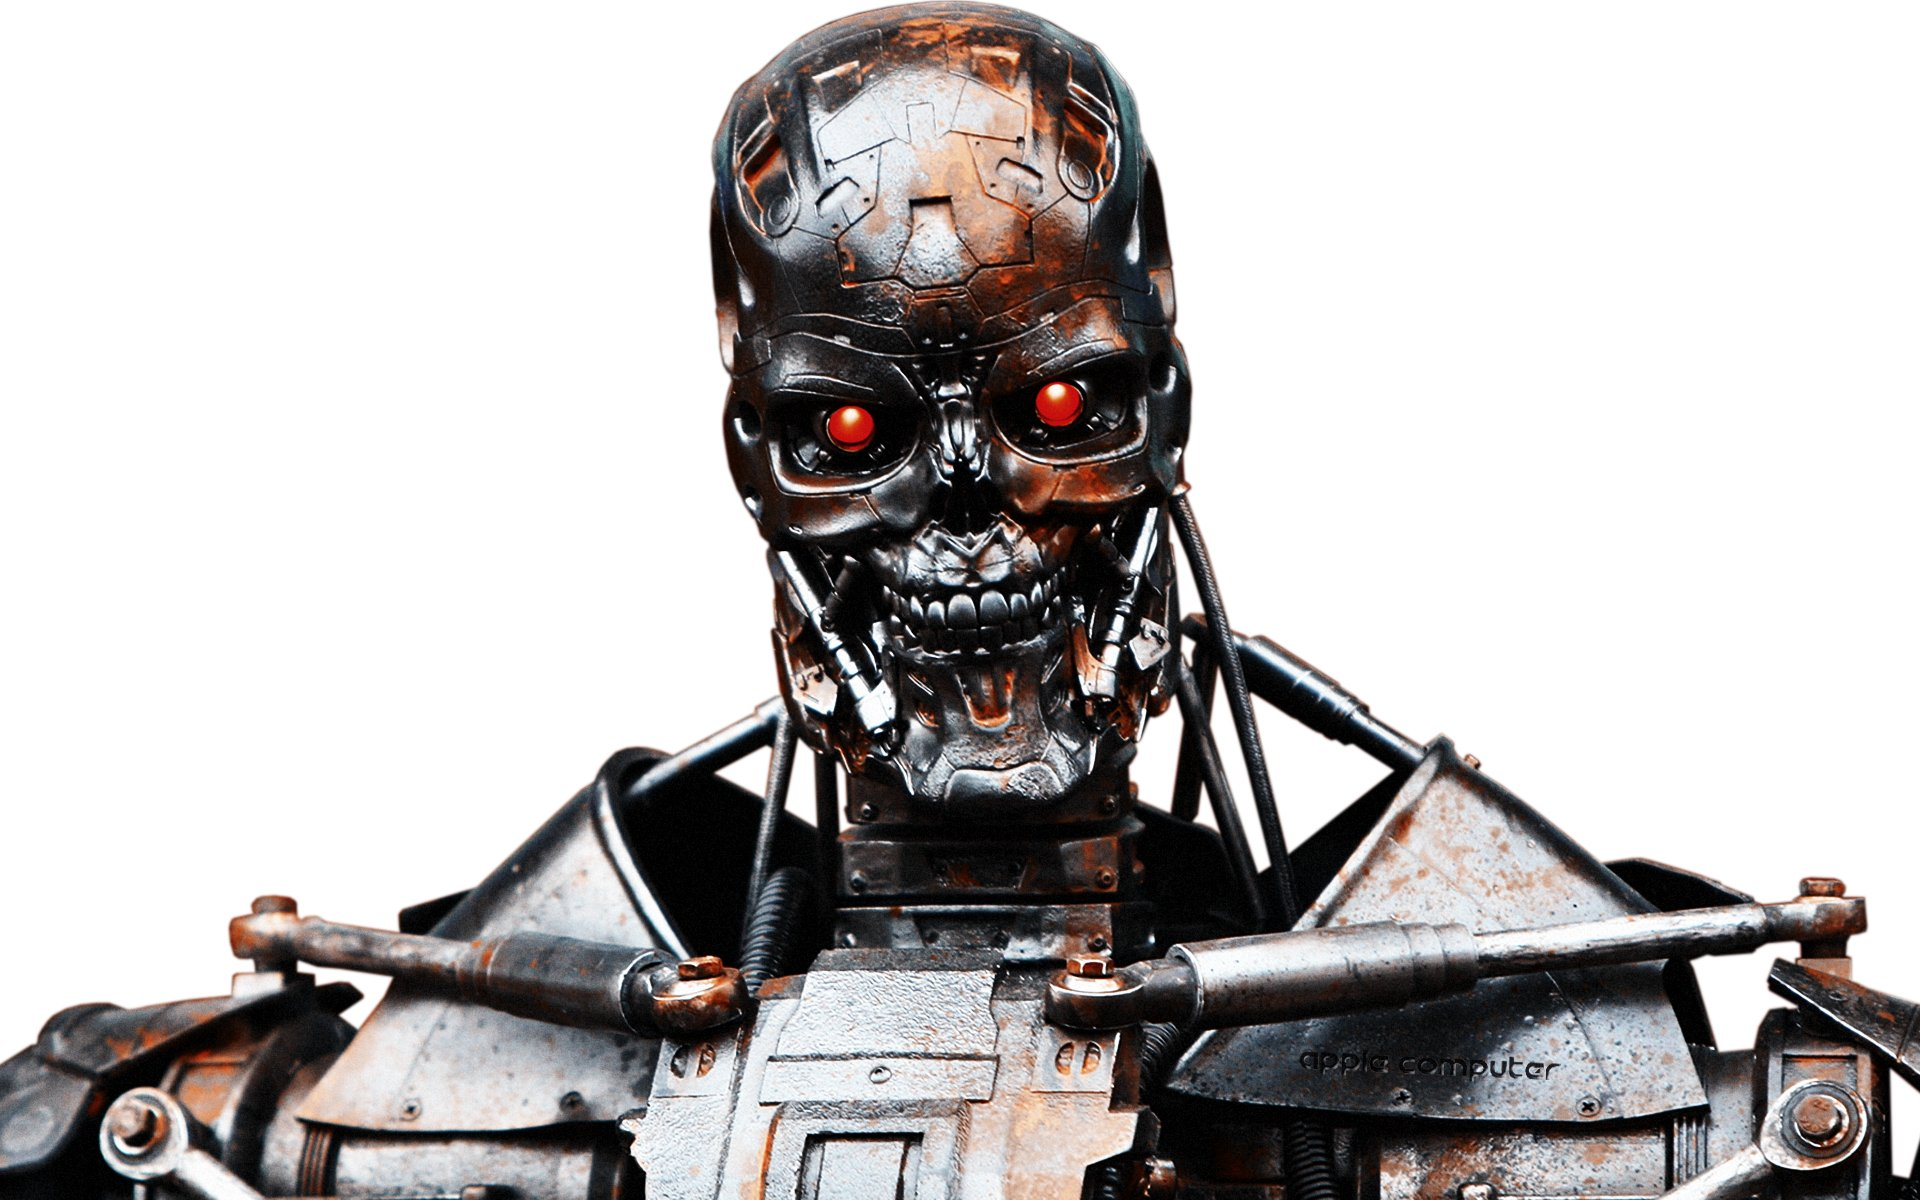 Sci Fi Wallpaper Hd Terminator Sci Fi Action Movie Film 1 Wallpaper